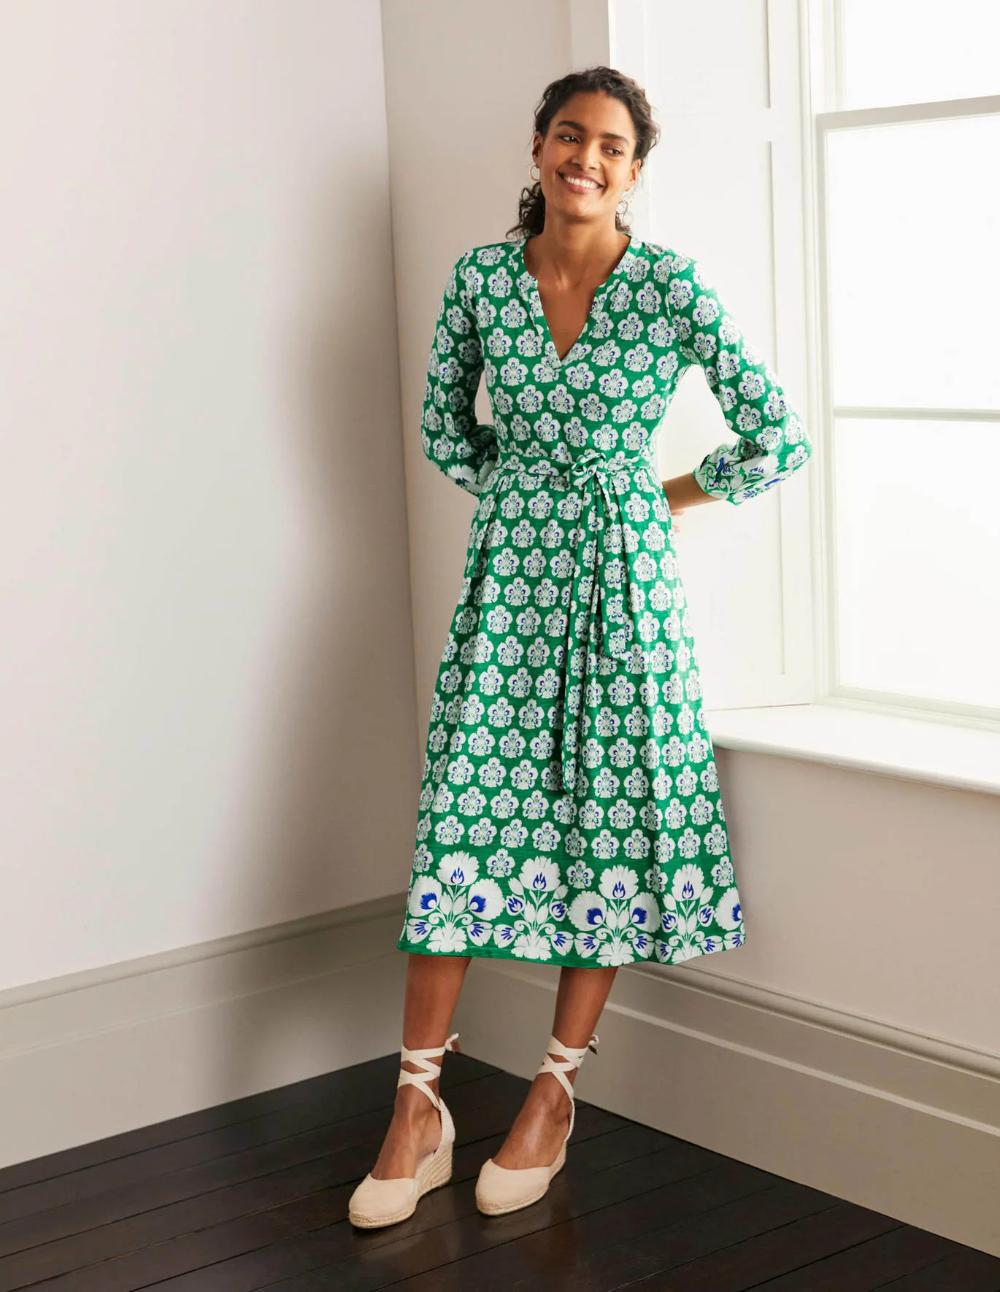 Delilah Jersey Midi Dress Sapling Carnation Stamp In 2021 Midi Dress Petite Midi Dress Green Midi Dress [ 1292 x 1000 Pixel ]